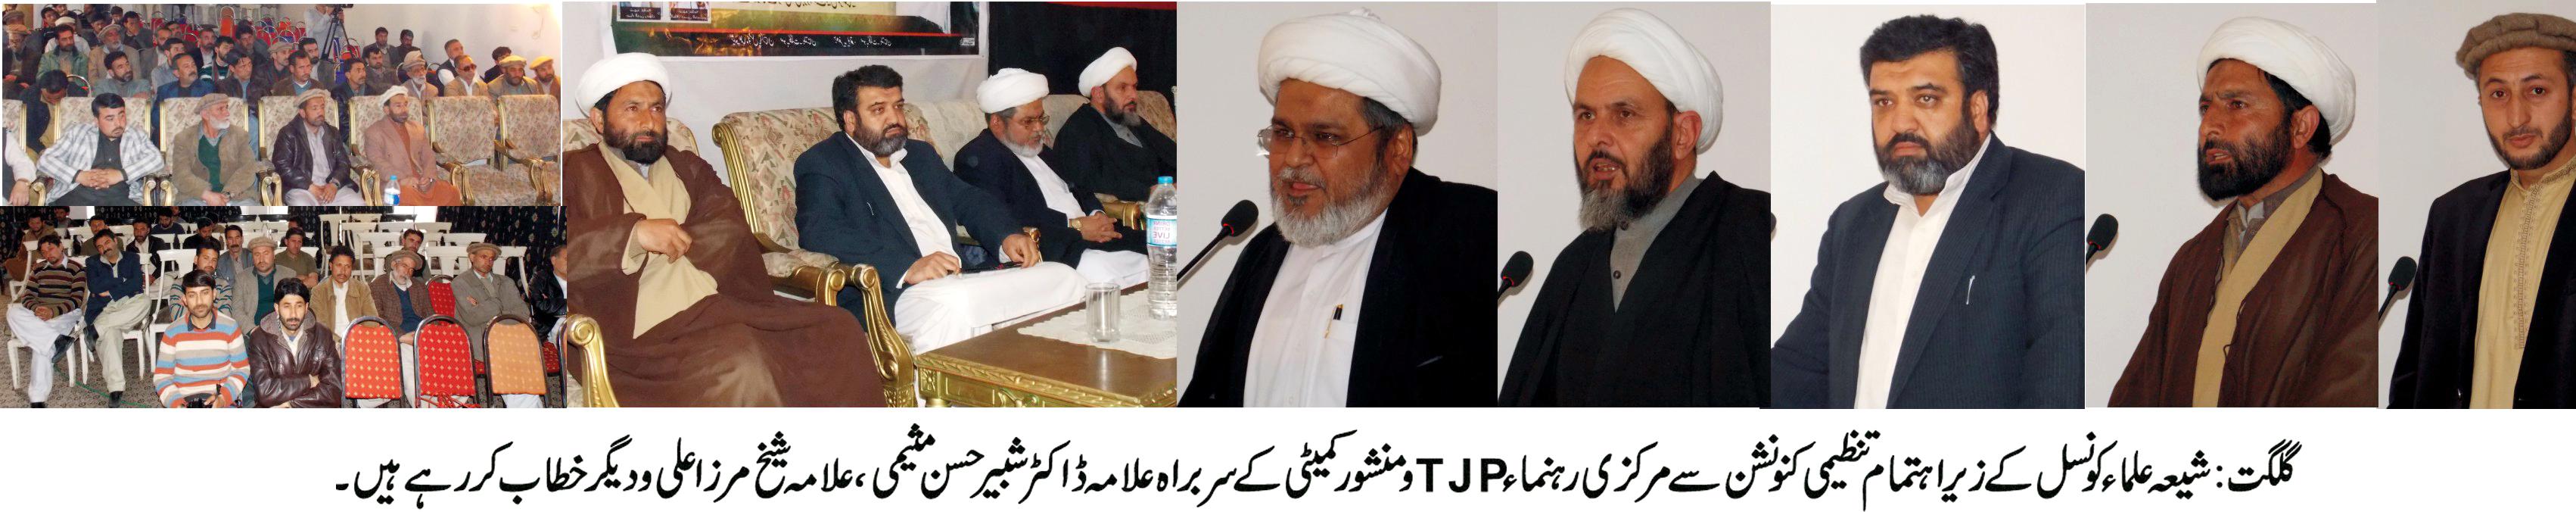 گلگت بلتستان کو پیکجز کی نہیں، آئینی حقوق کی ضرورت ہے، ڈاکٹر شبیر حسن مثیمی